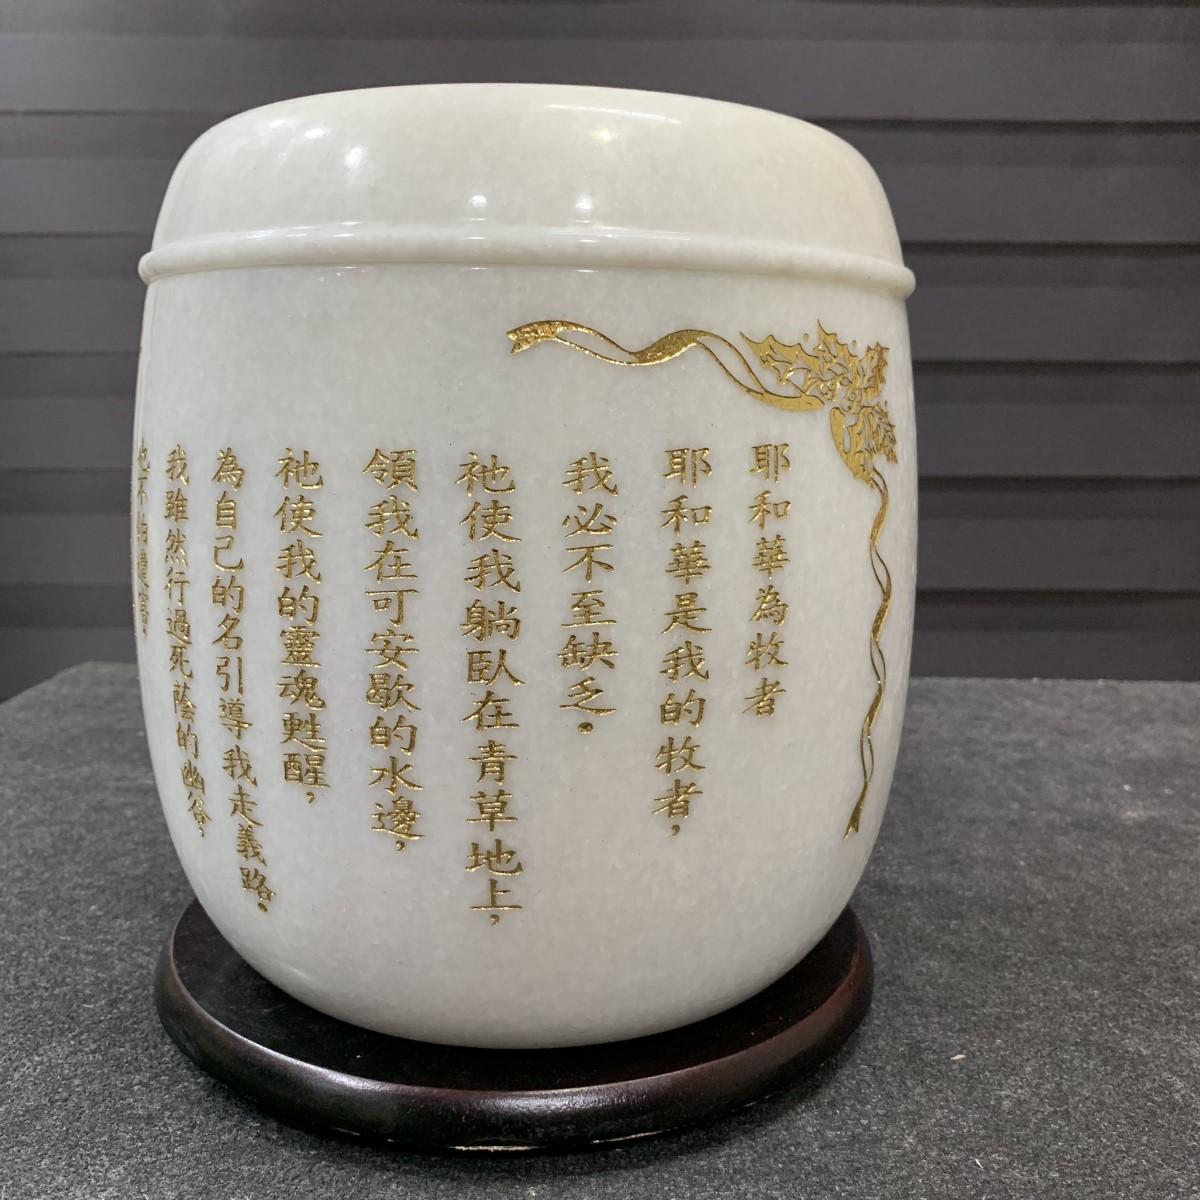 【安息主懷】基督教詩篇23篇漢白玉骨灰罐